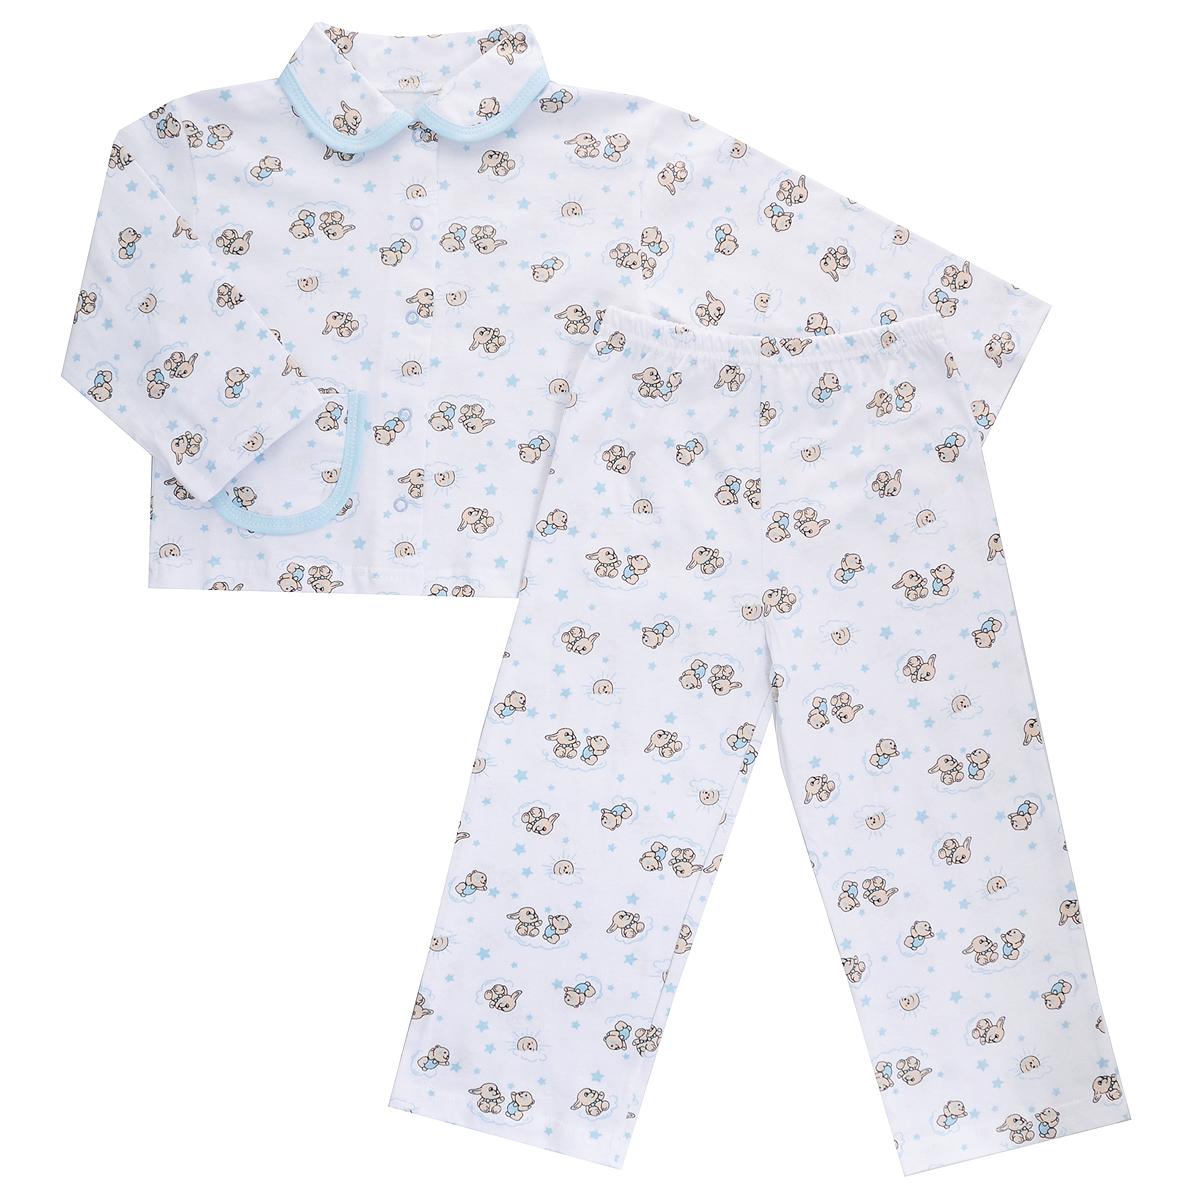 Пижама детская Трон-плюс, цвет: белый, голубой, рисунок зайцы. 5562. Размер 80/86, 1-2 года